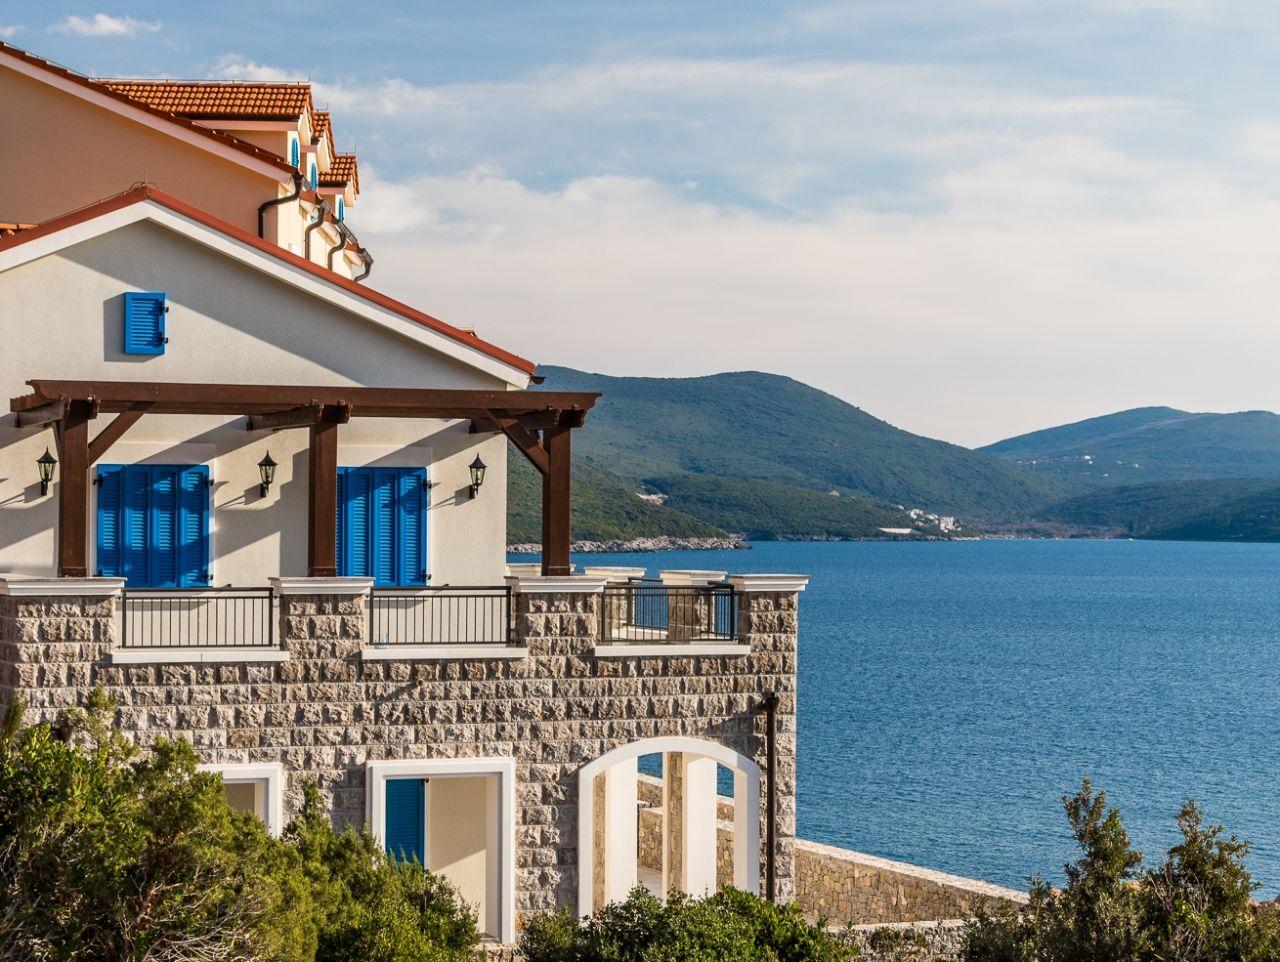 Апартаменты Будванская Ривьера, Черногория, 123 м2 - фото 1